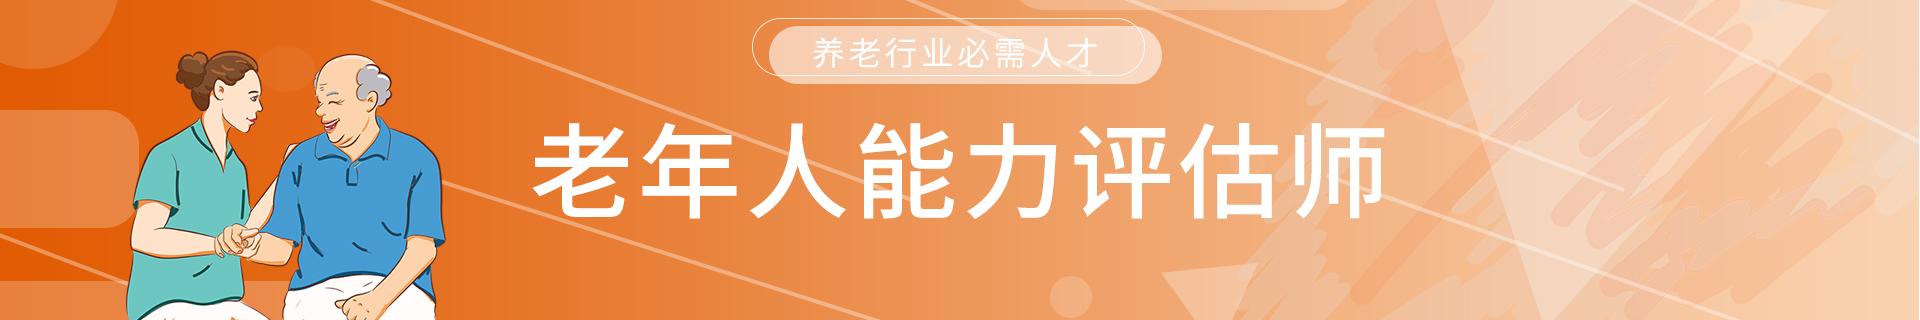 福建厦门优路教育培训学校